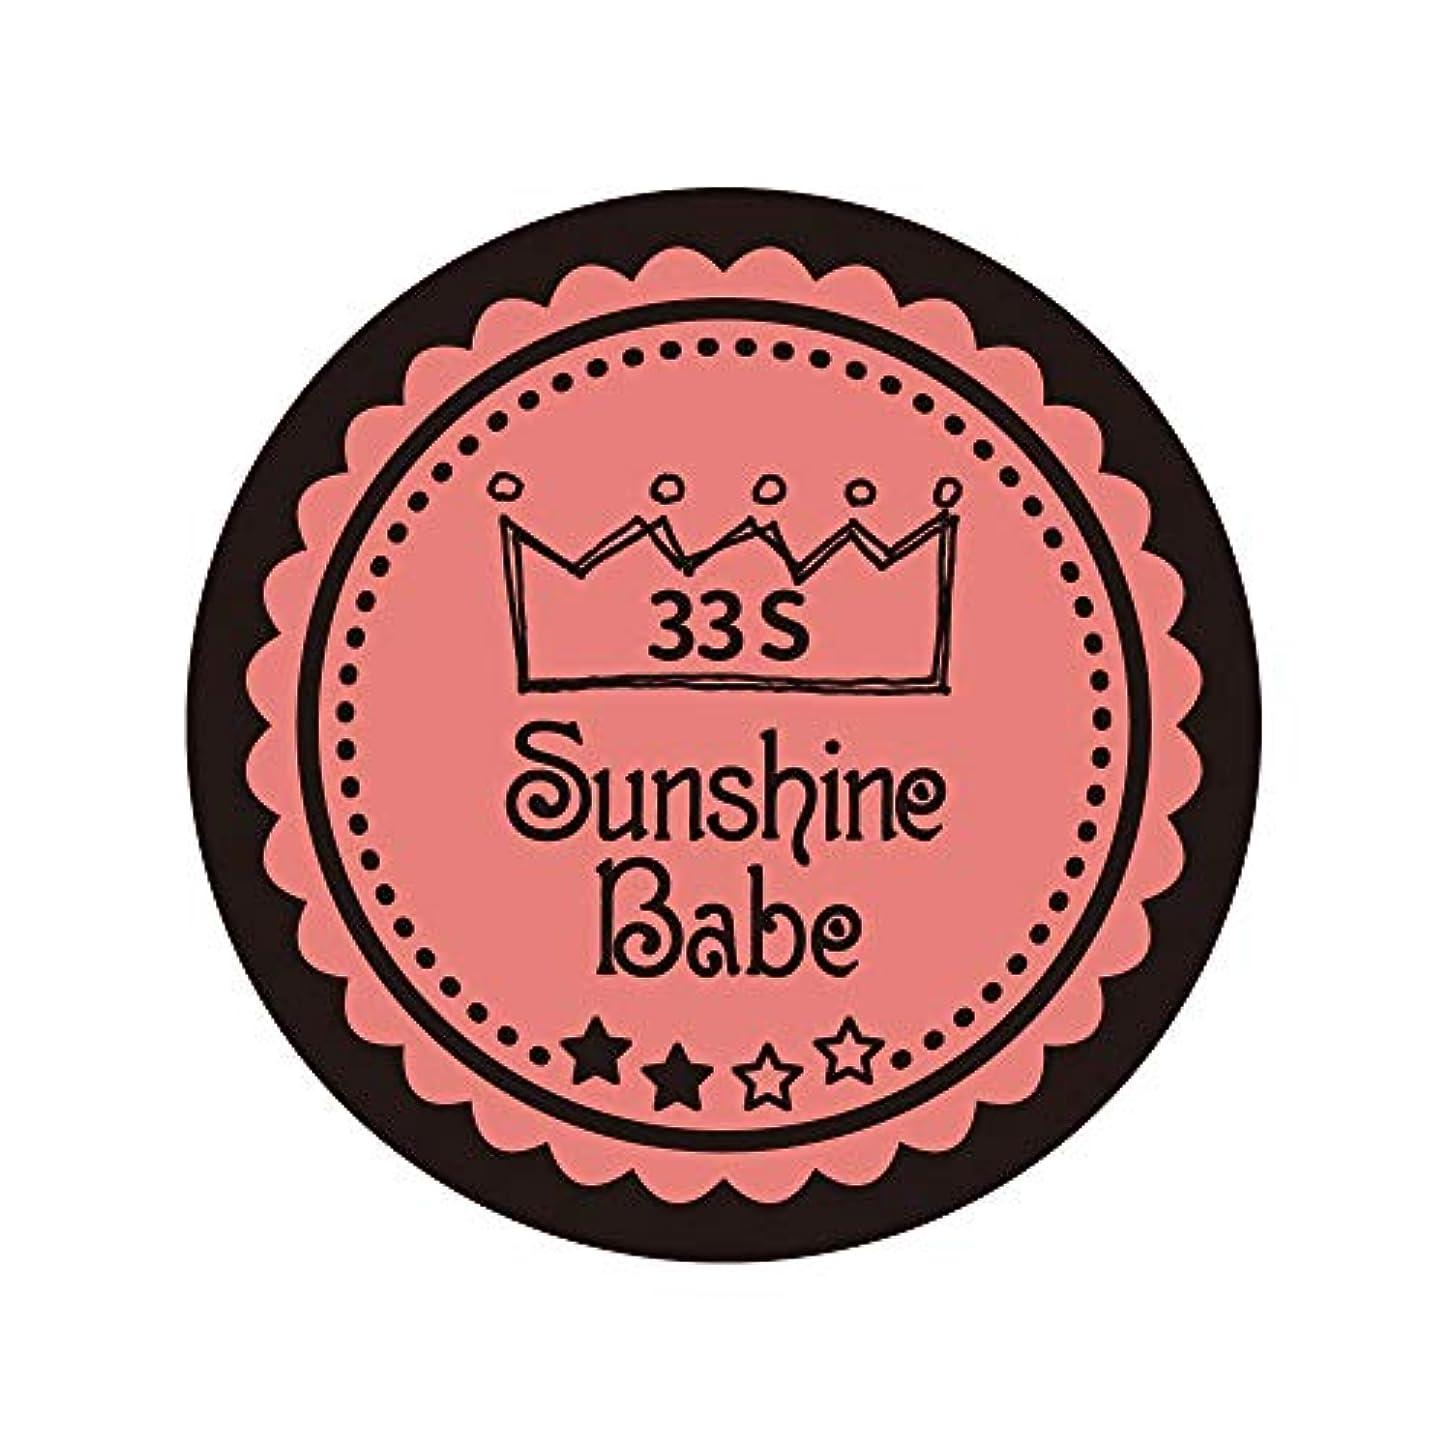 早熟生態学固執Sunshine Babe カラージェル 33S ベイクドコーラルピンク 2.7g UV/LED対応